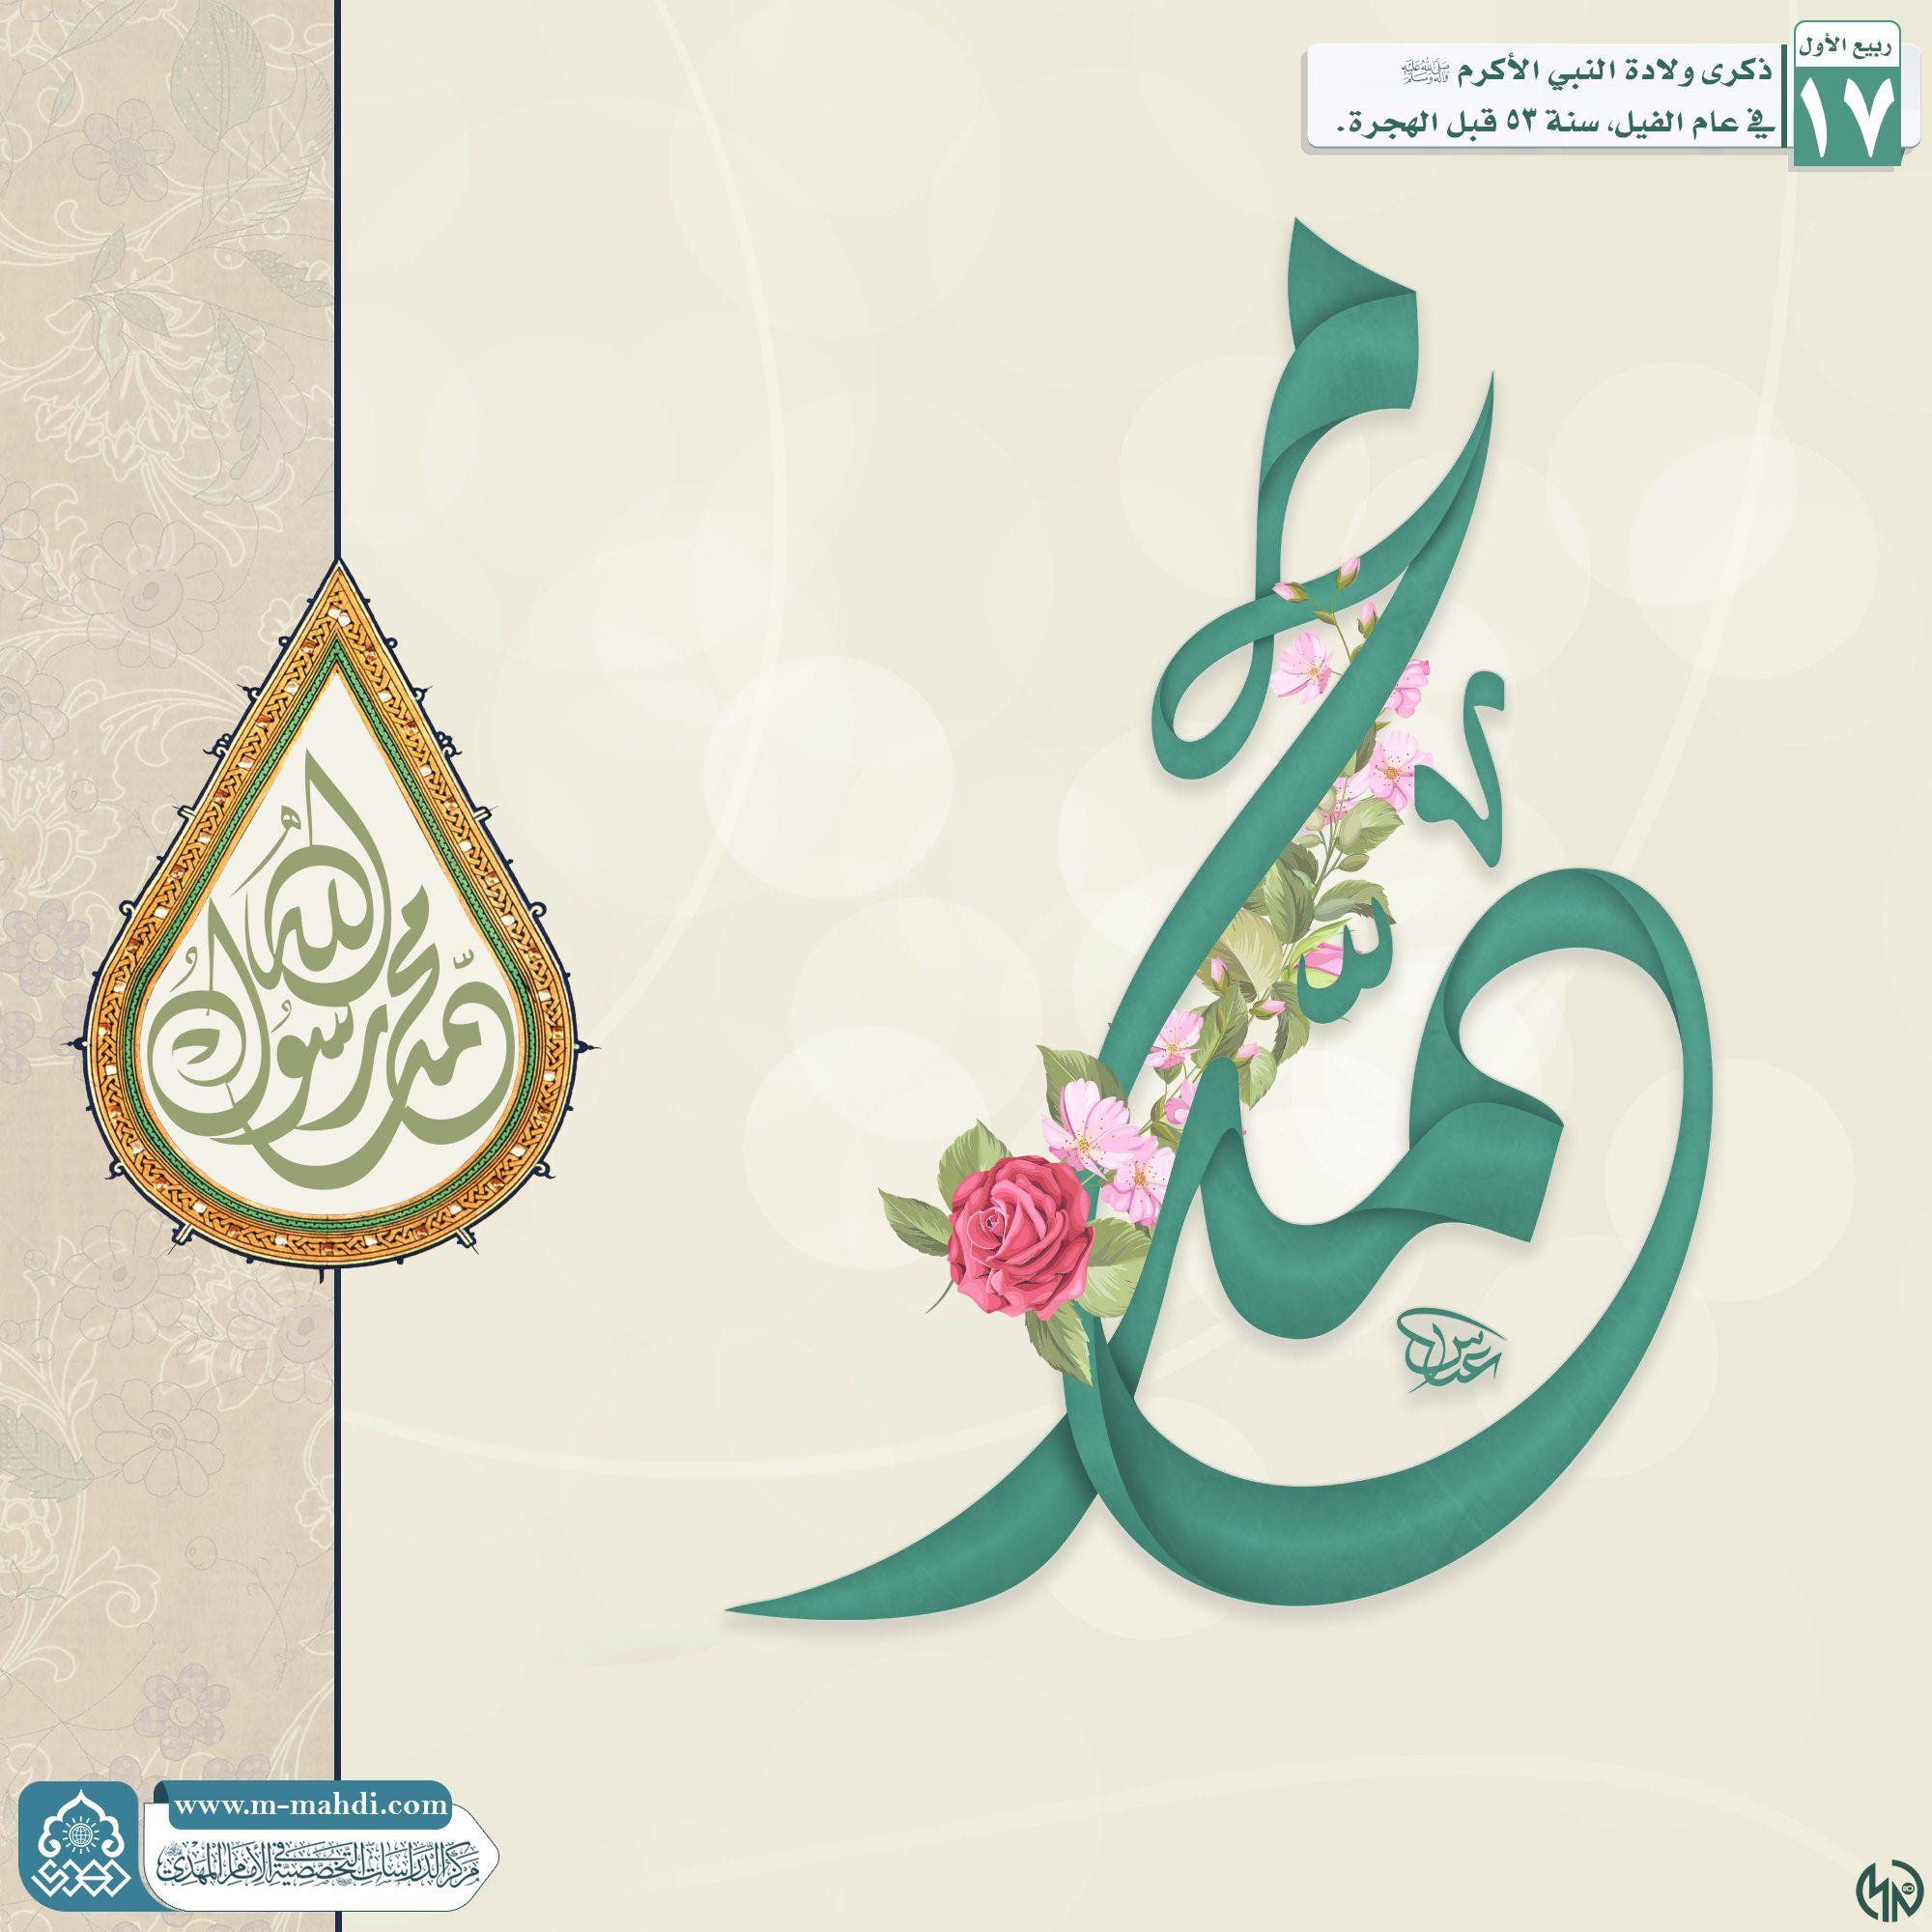 ذكرى ولادة النبي الأكرم محمد صلى الله عليه وآله وسلم Quran Wallpaper Arabic Calligraphy Wallpaper